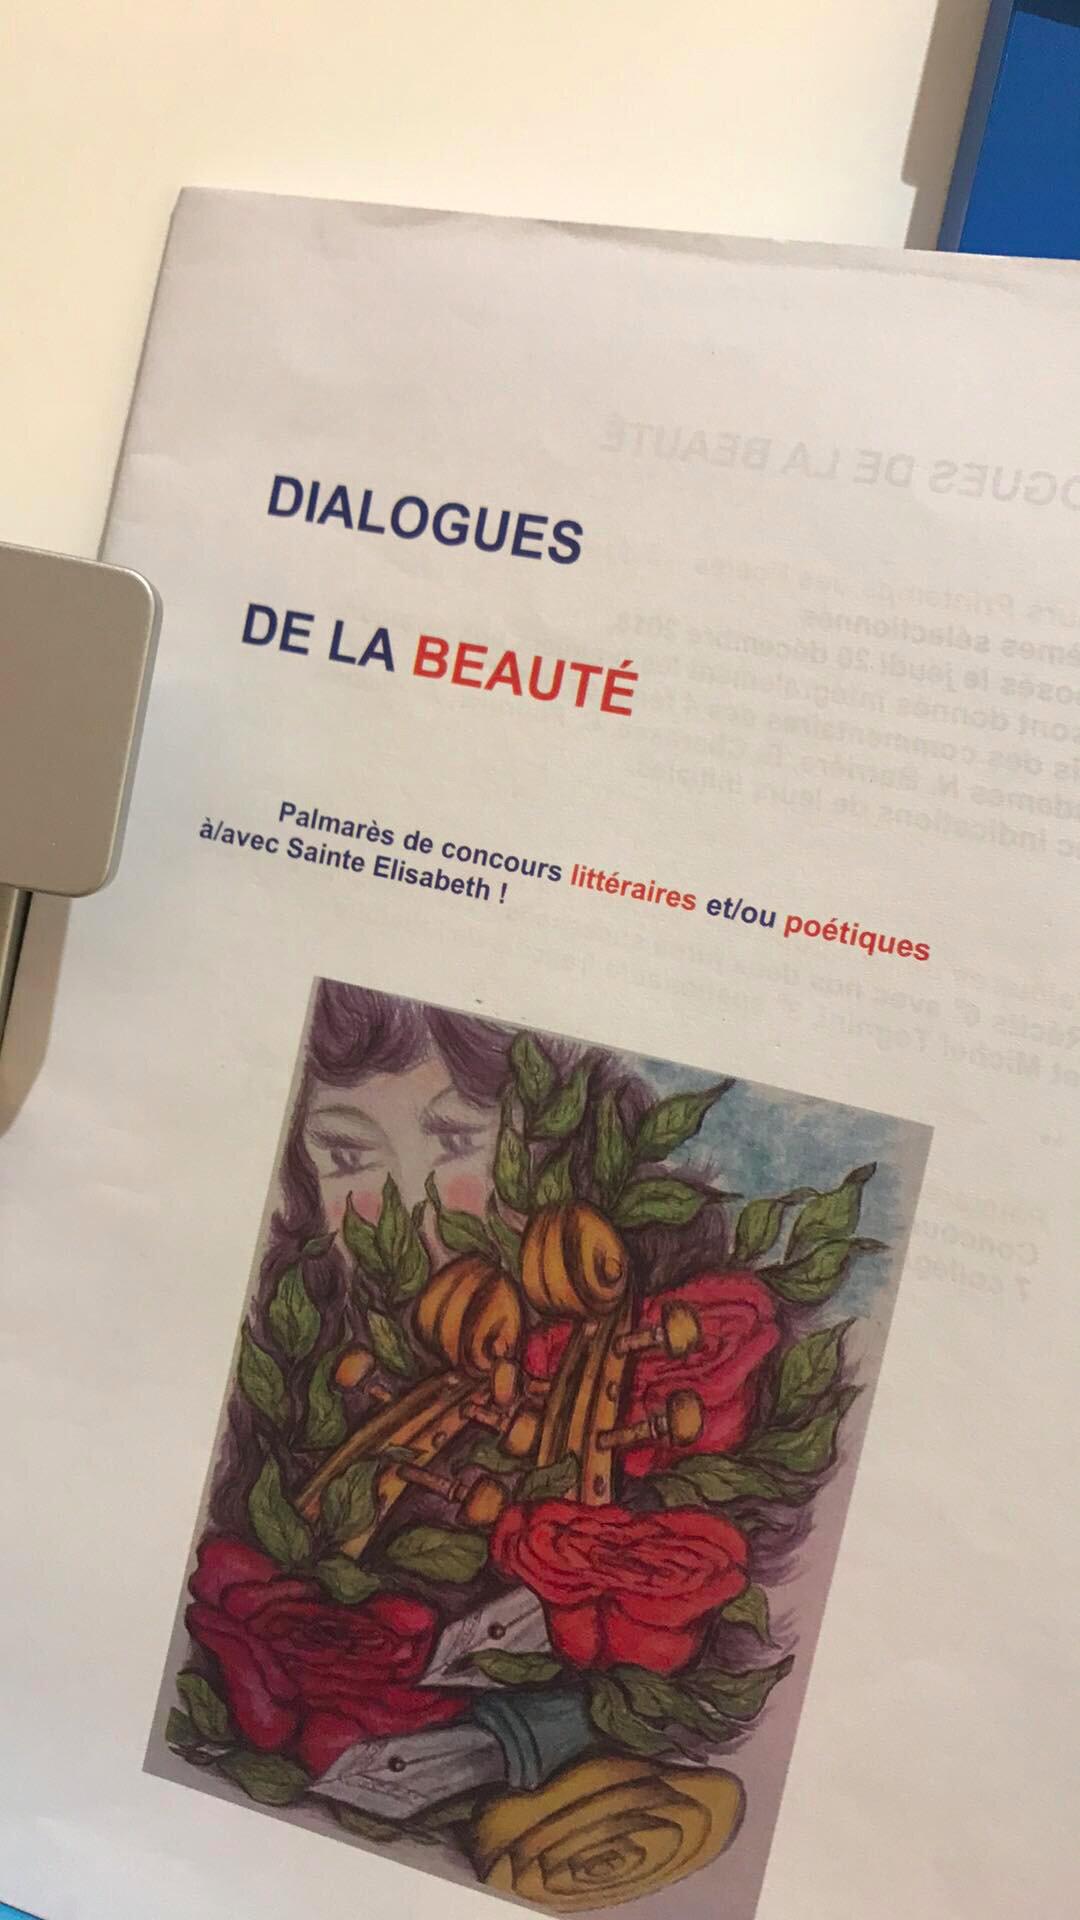 Remise des prix littéraires et poétiques Mardi 4 juin 2019 12h15-12h45 Gymnase du haut 6e et 5e